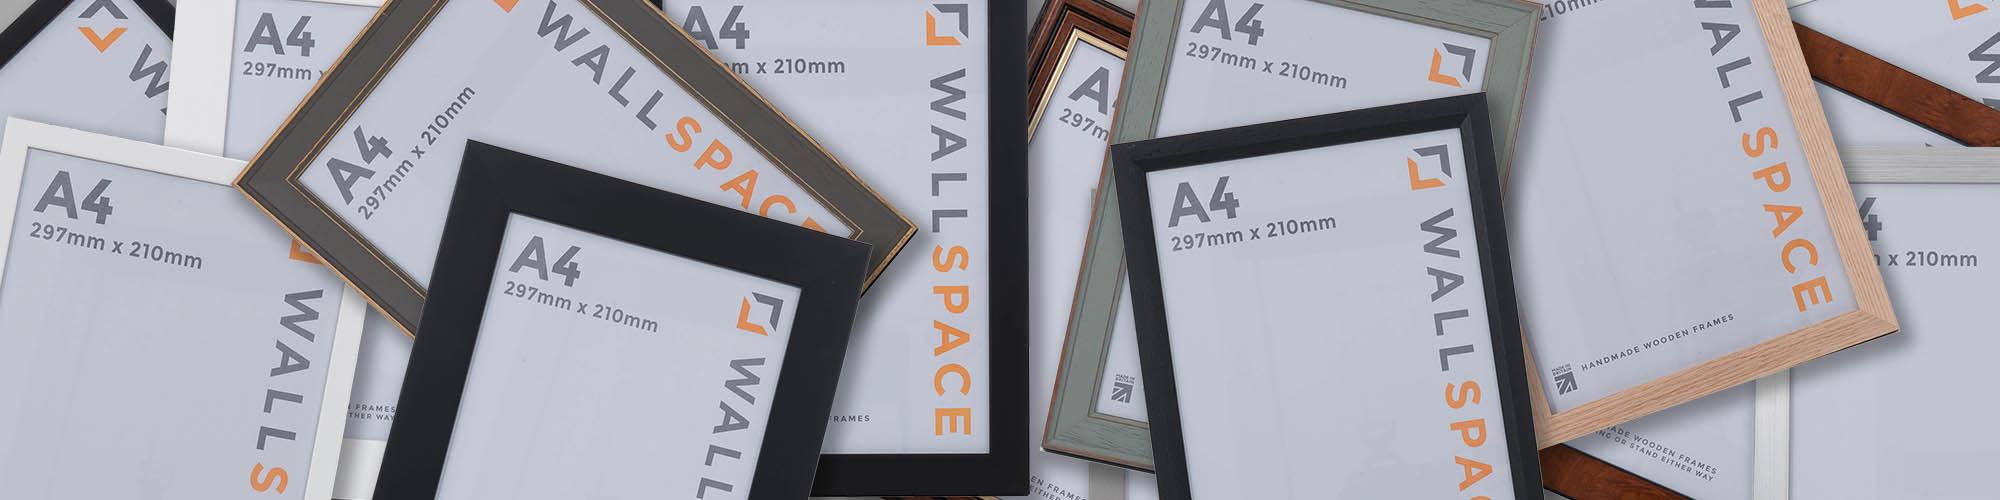 A4 Photo Frames